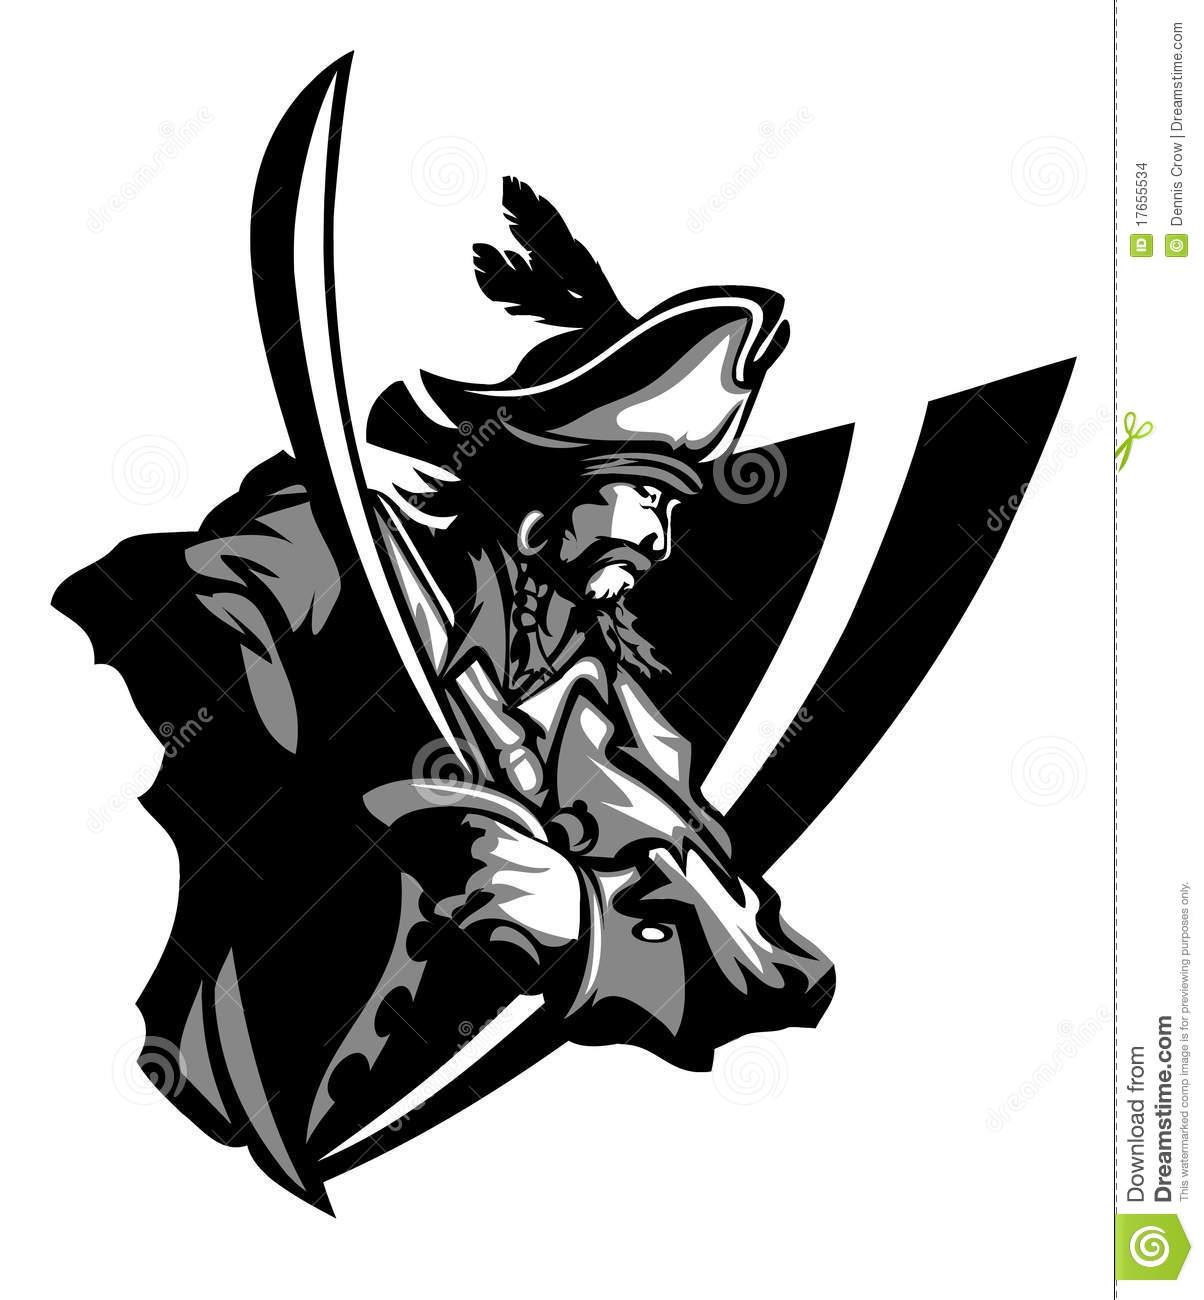 Raider Pirate Logo Mascot